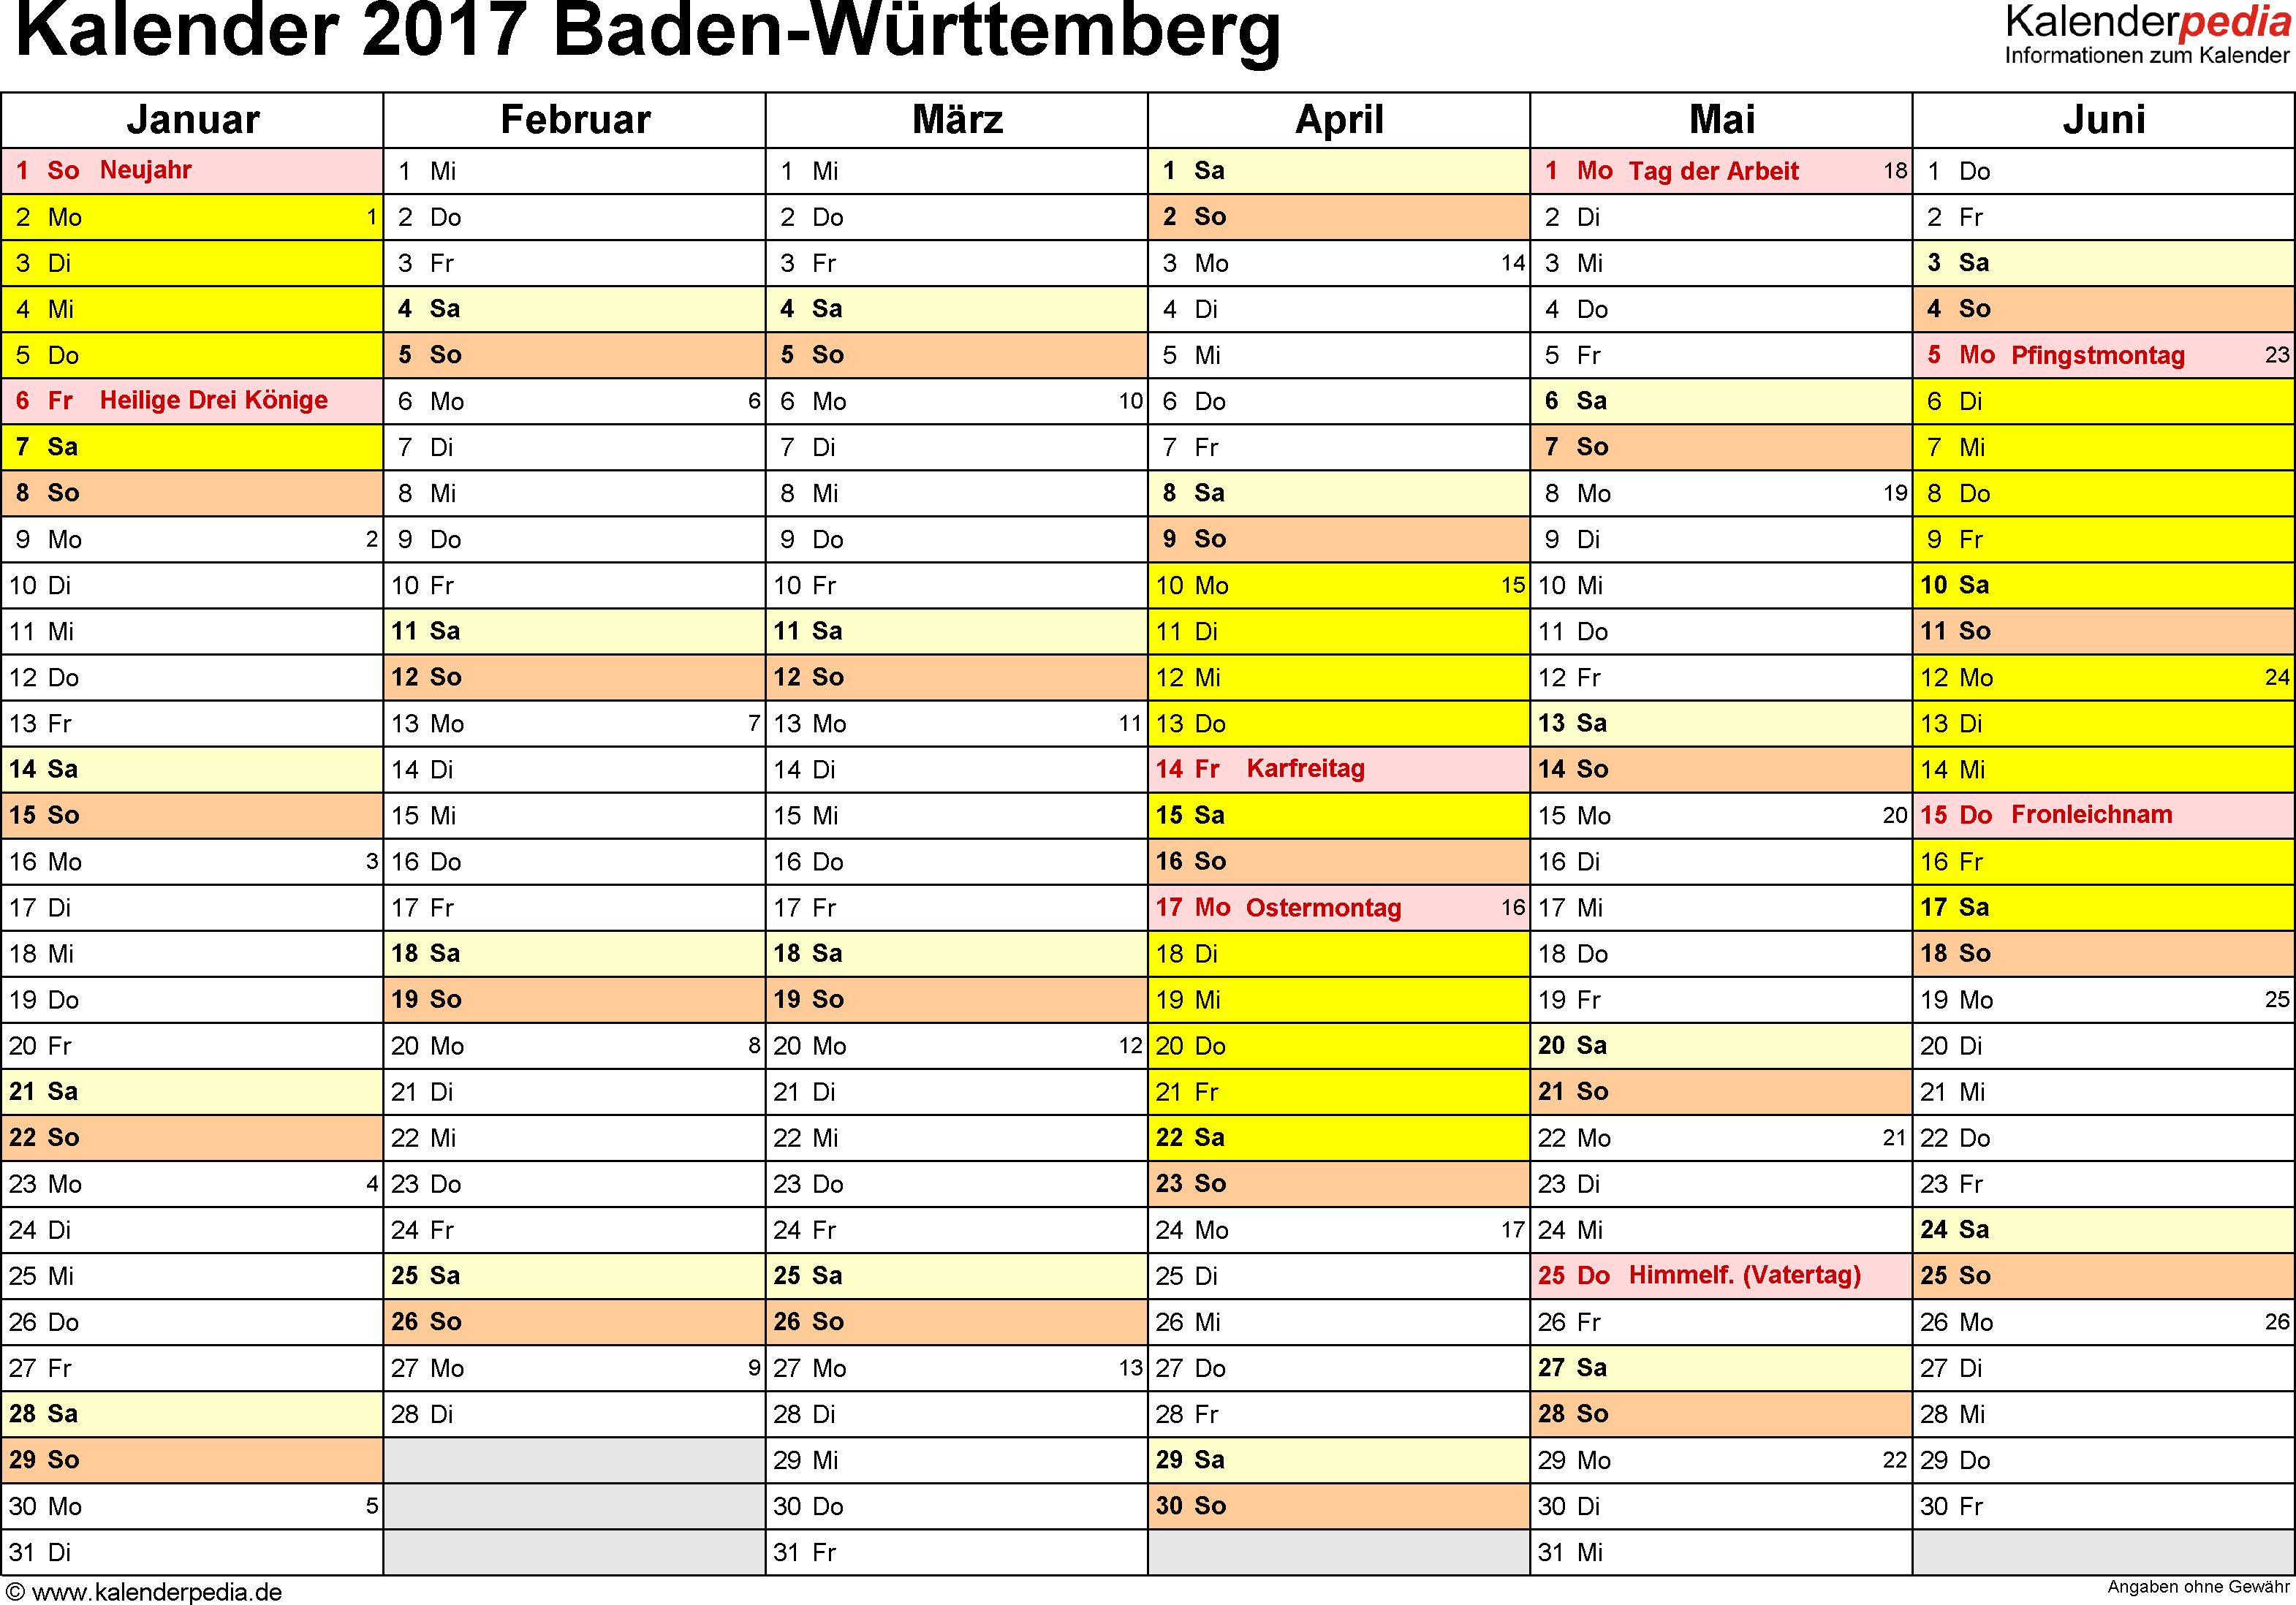 Vorlage 2: Kalender 2017 für Baden-Württemberg als Word-Vorlage (Querformat, 2 Seiten)